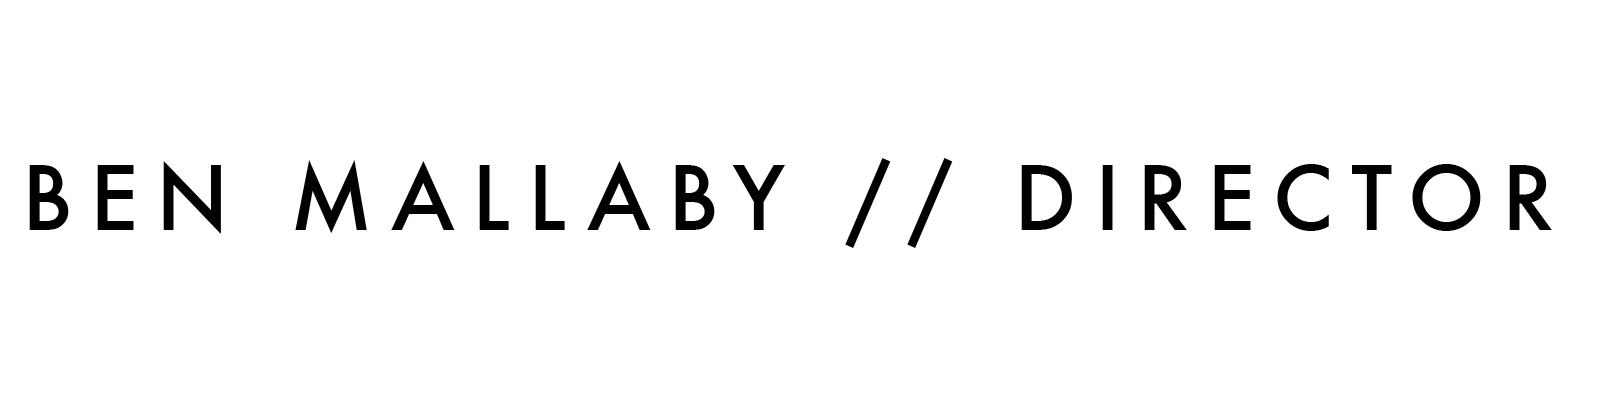 Ben Mallaby